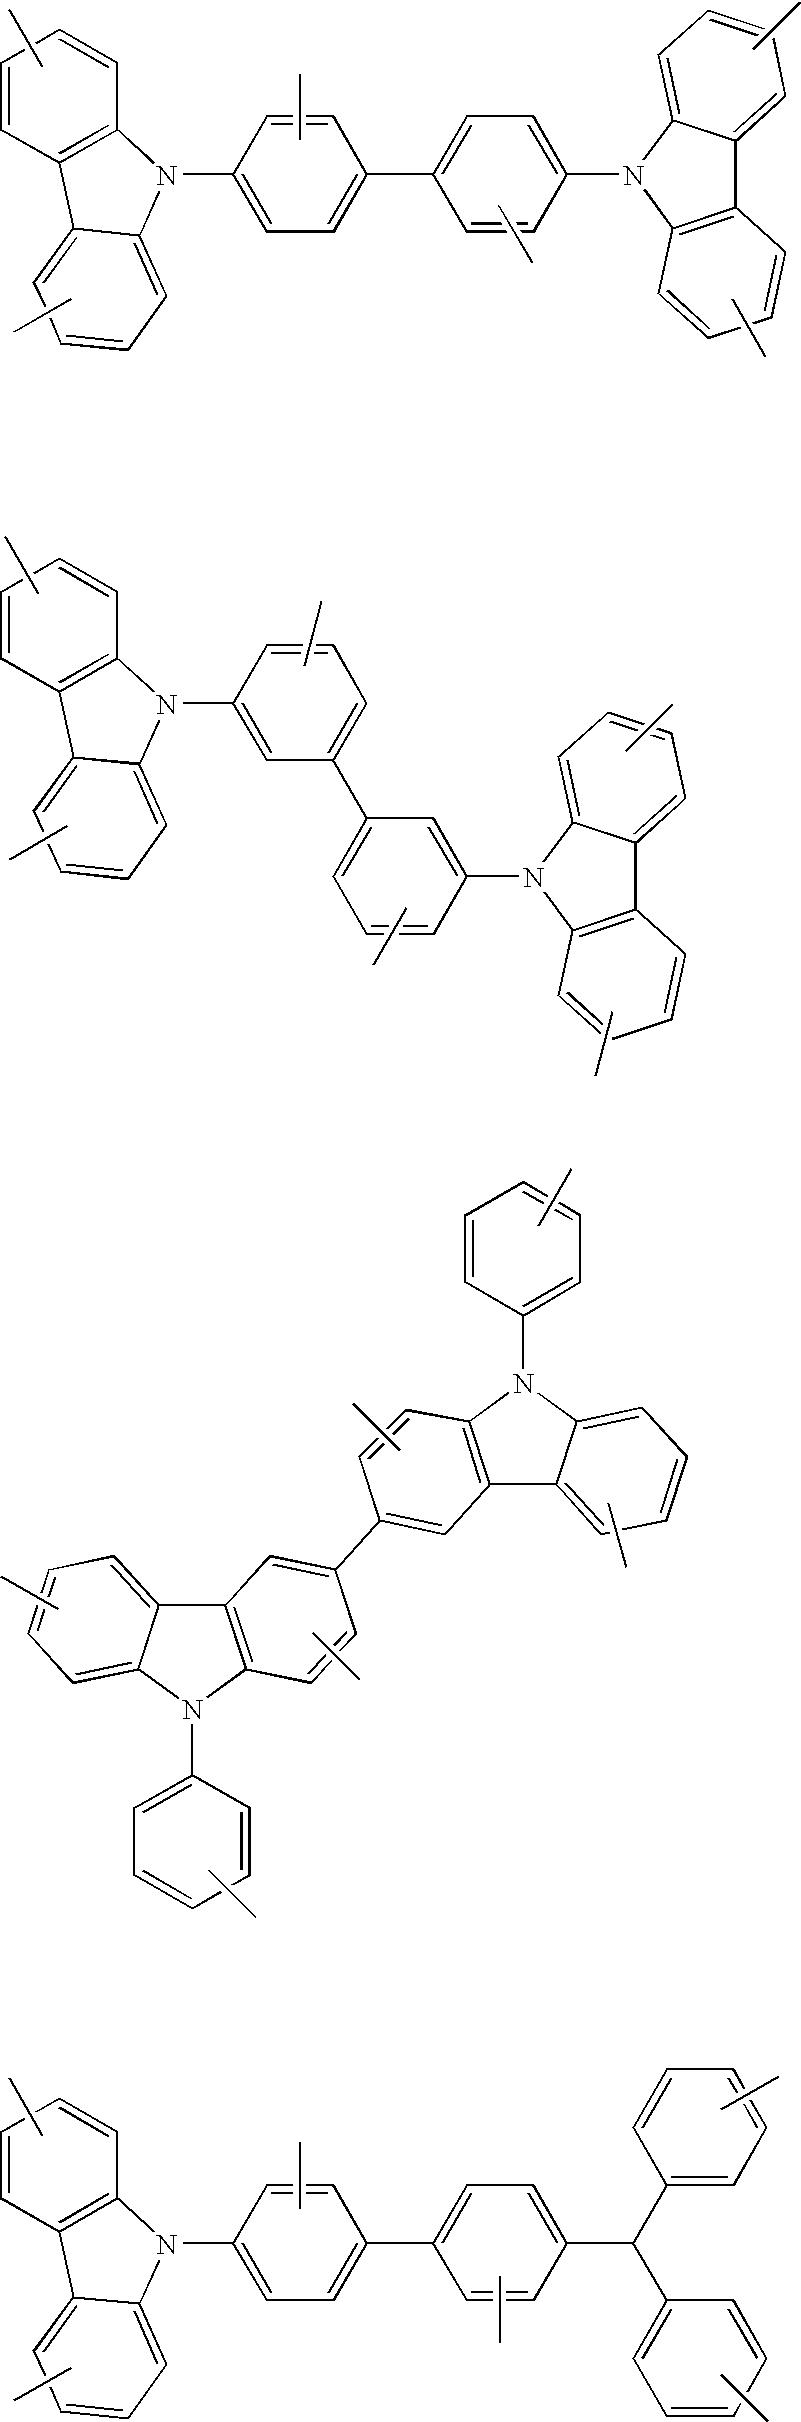 Figure US20040262576A1-20041230-C00025